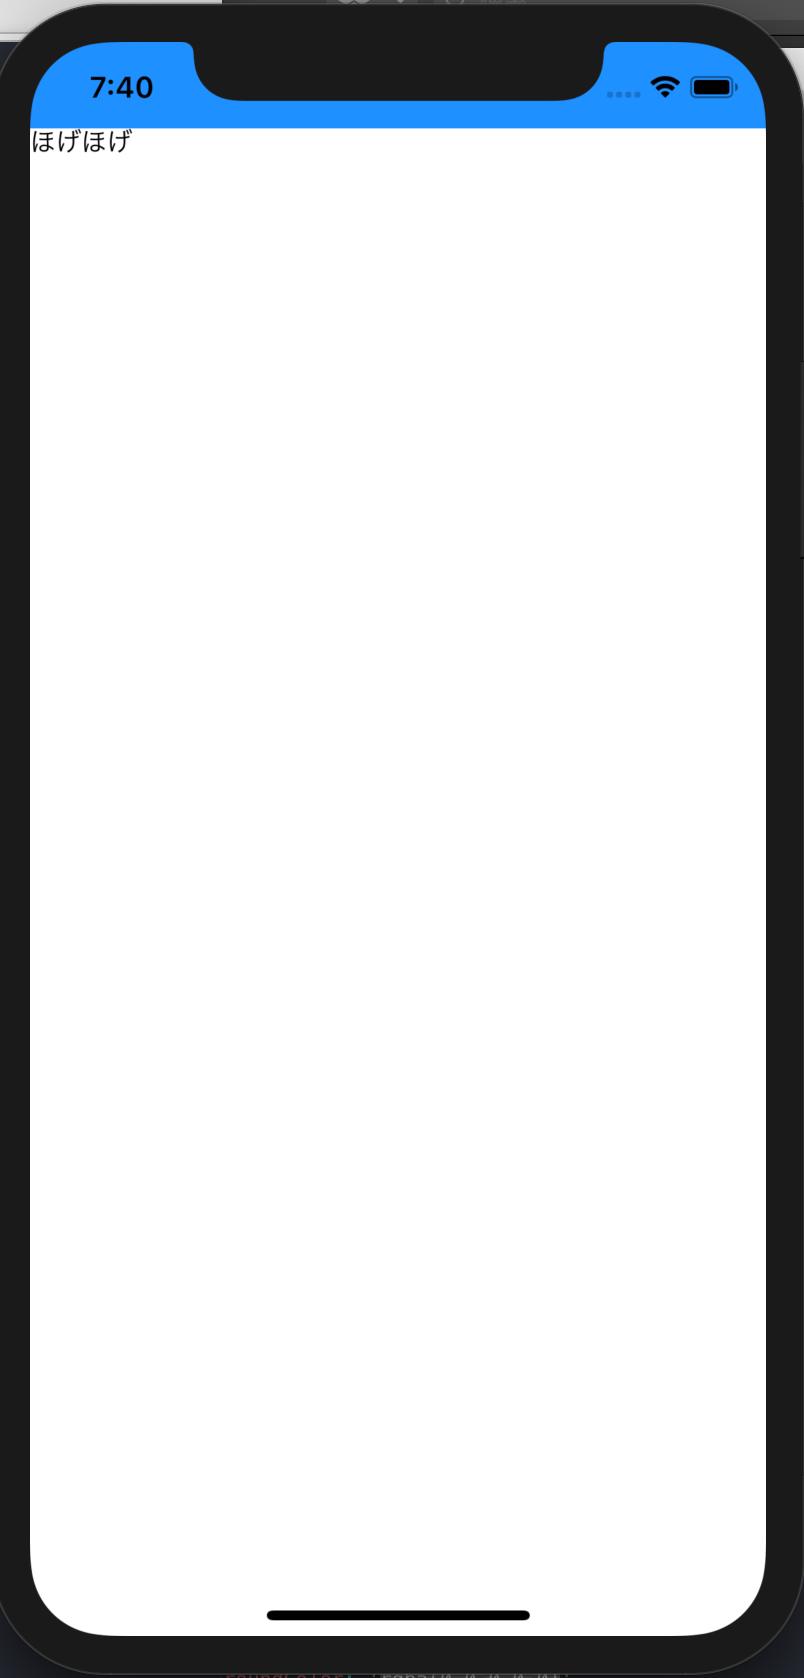 スクリーンショット 2018-12-05 19.40.12.png